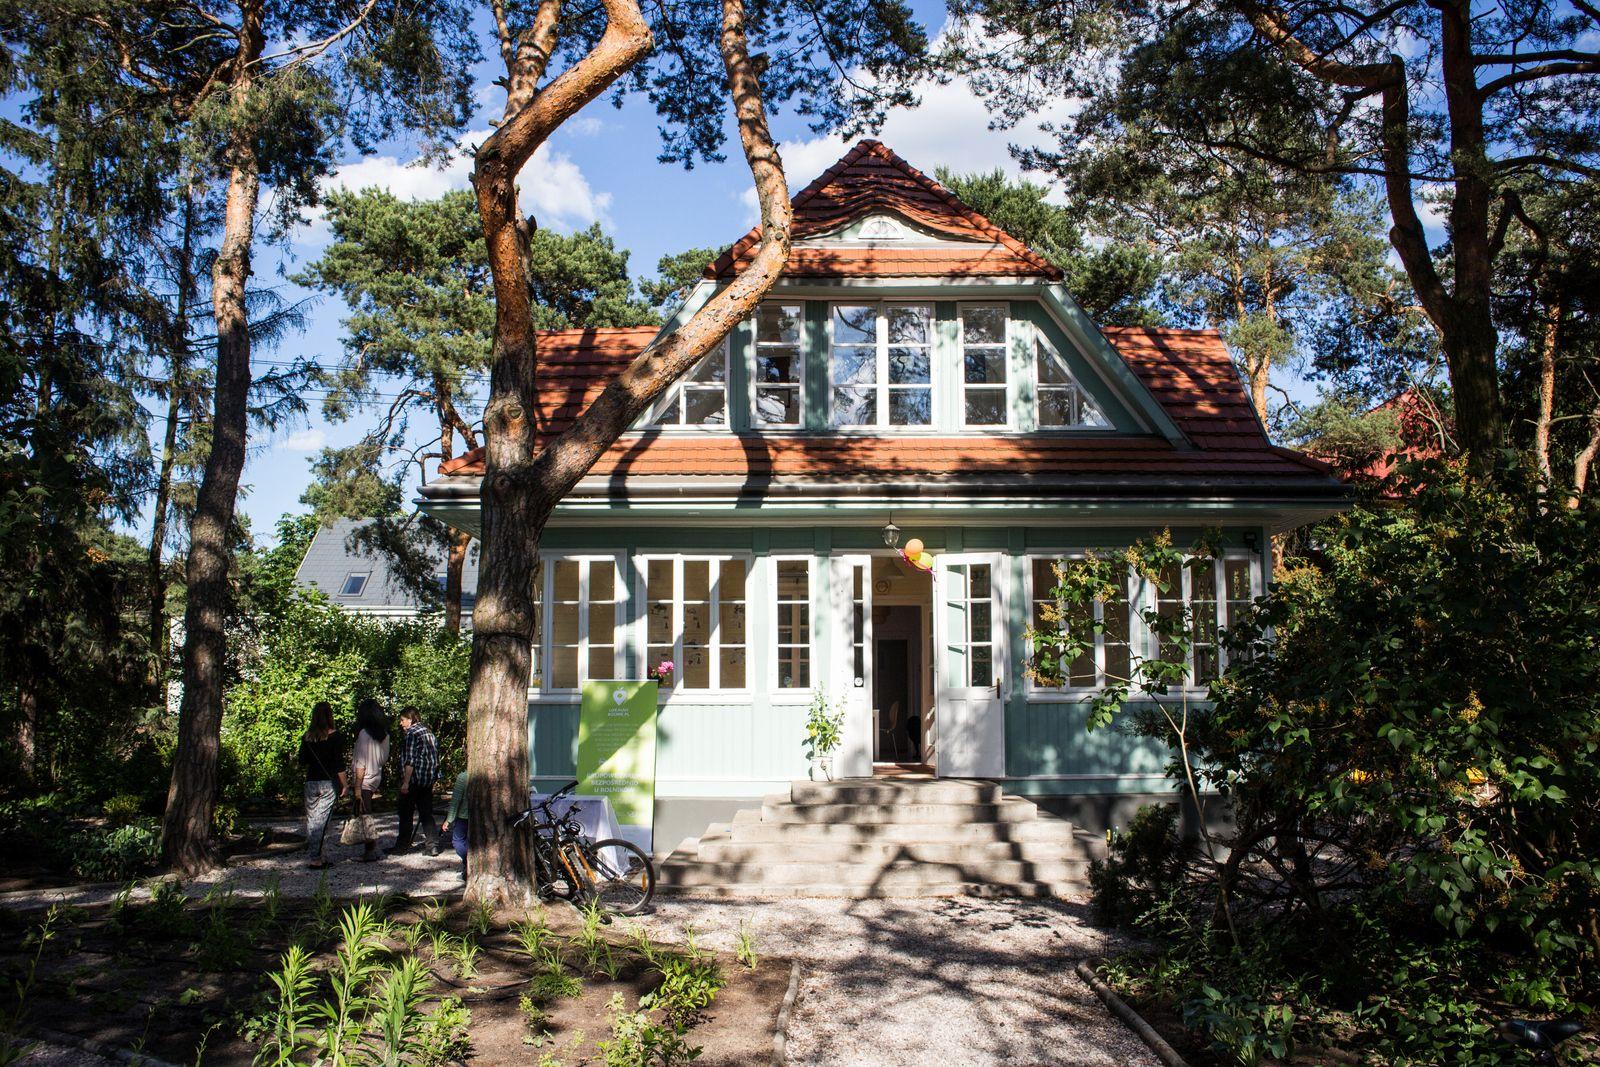 Halo Tu Wawer I Okolice Bajka W Radosci Letnisko Do Wynajecia House Styles Outdoor Structures Design